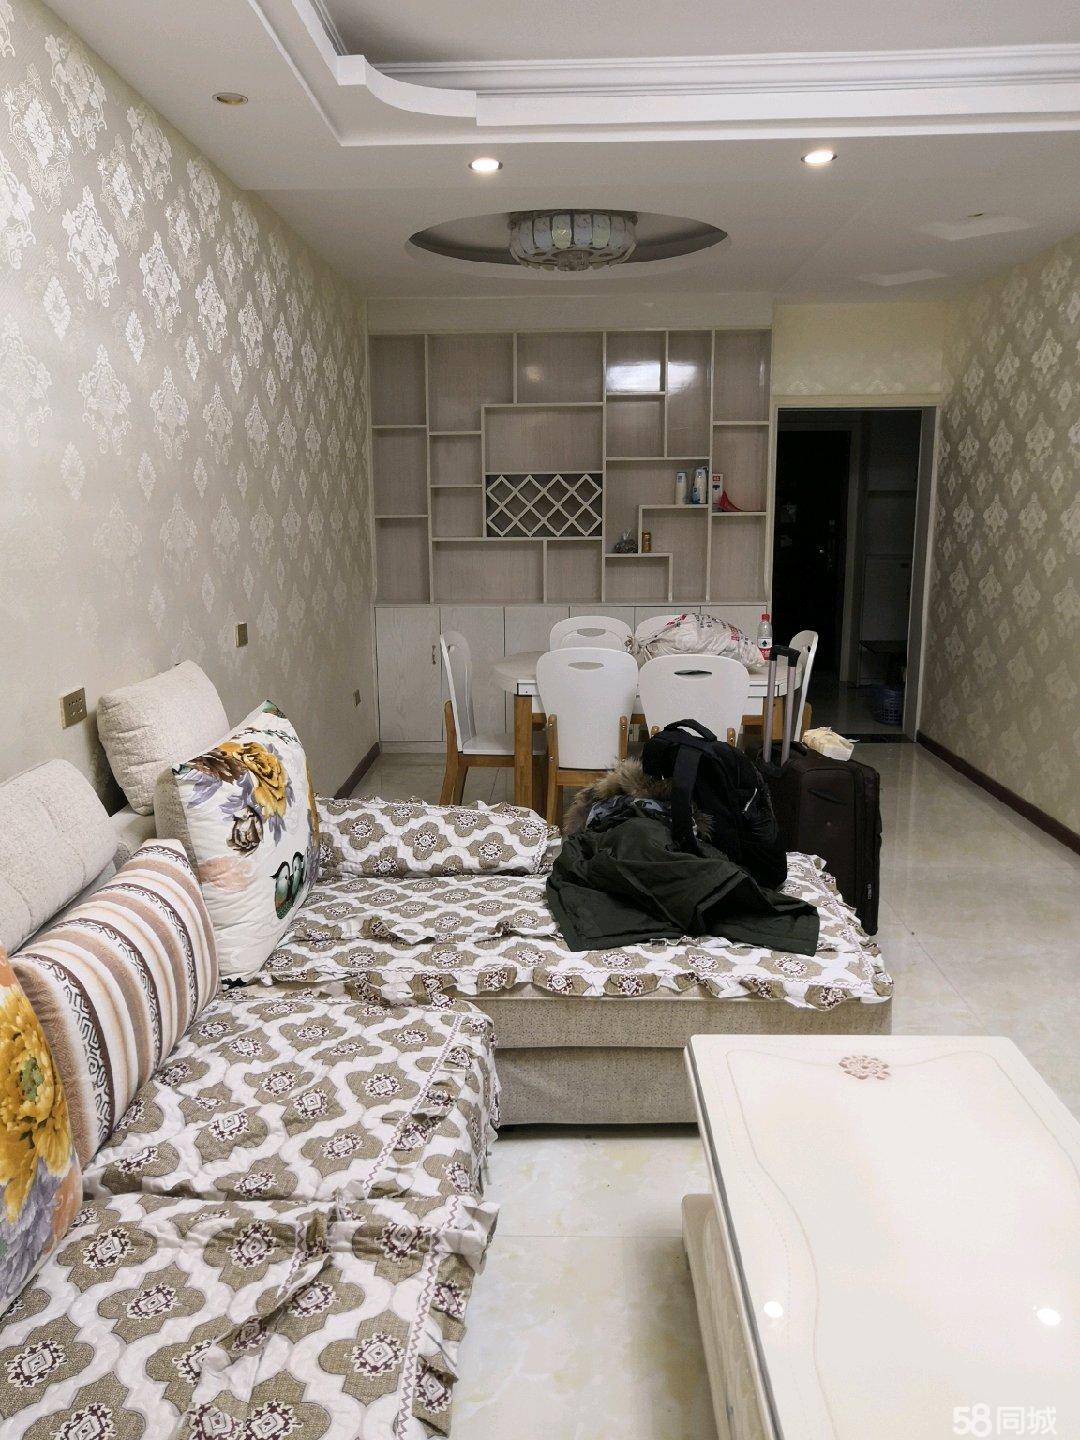 环宇世纪城3室2厅2卫学区房业主出售随时看房